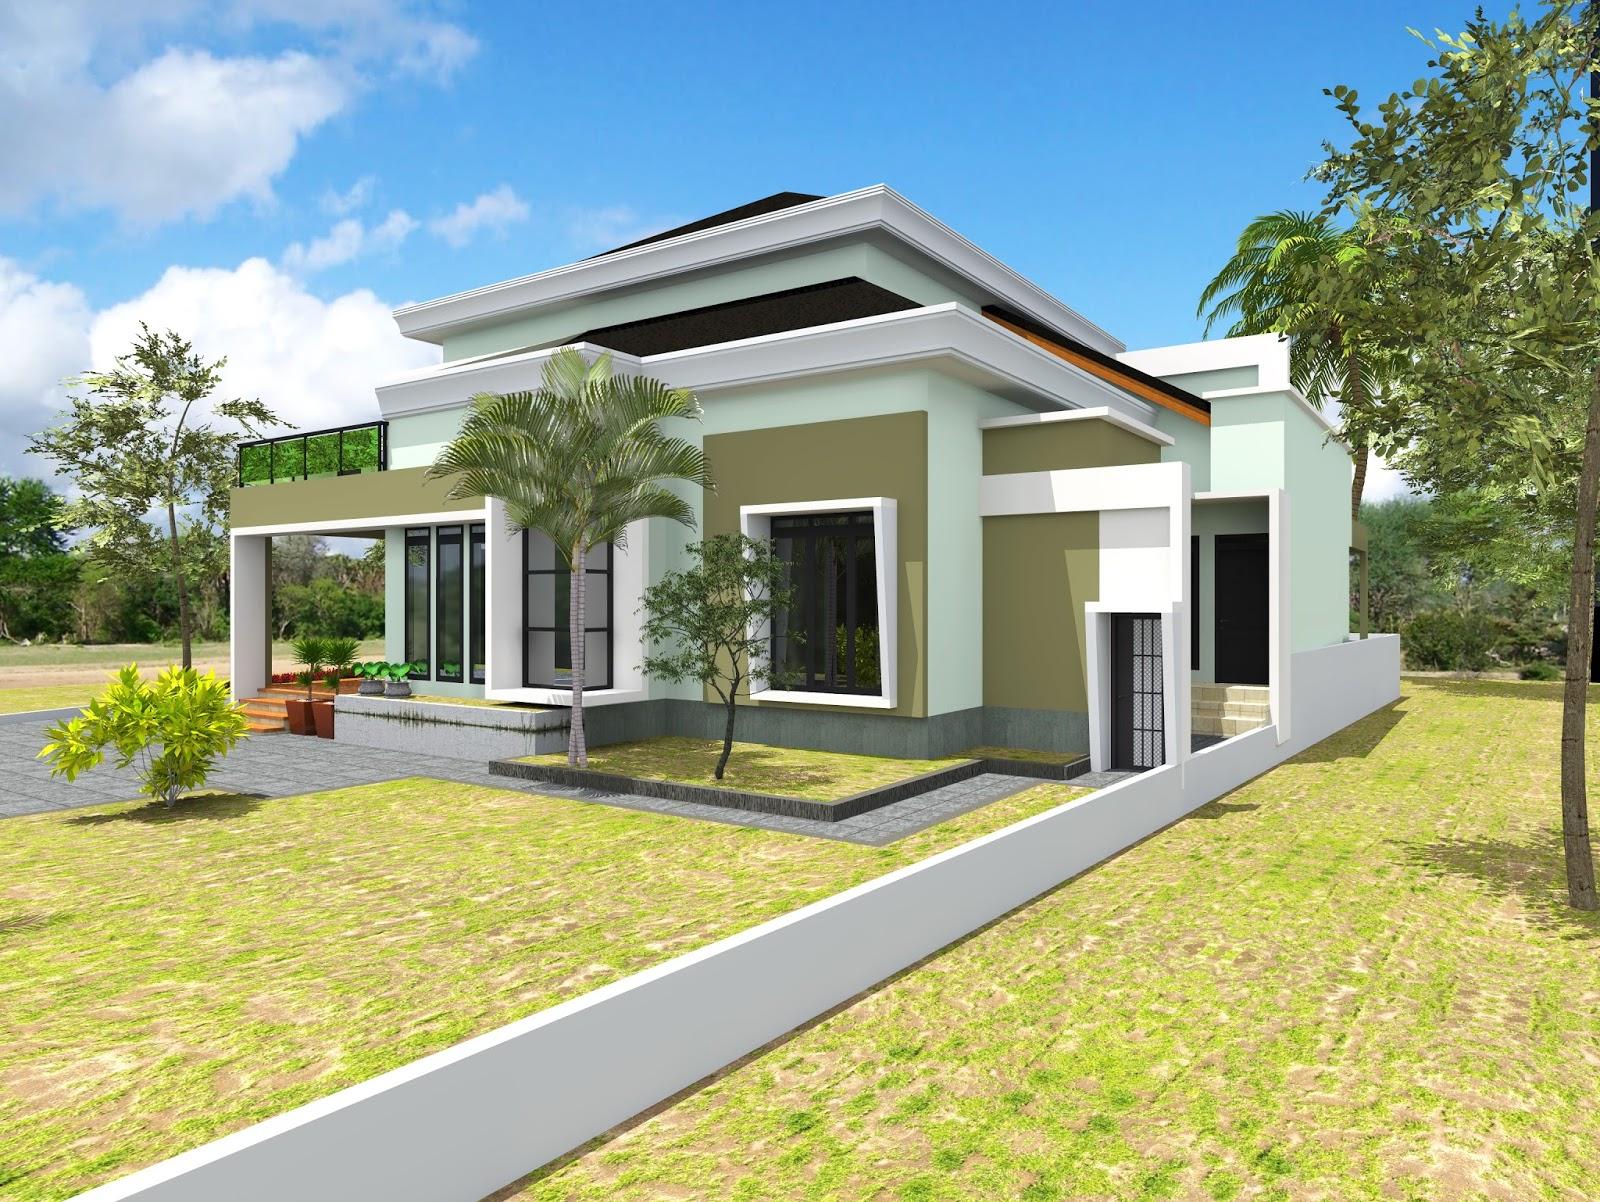 66+ Foto Desain Rumah Dengan Teras Samping Gratis Terbaru Unduh